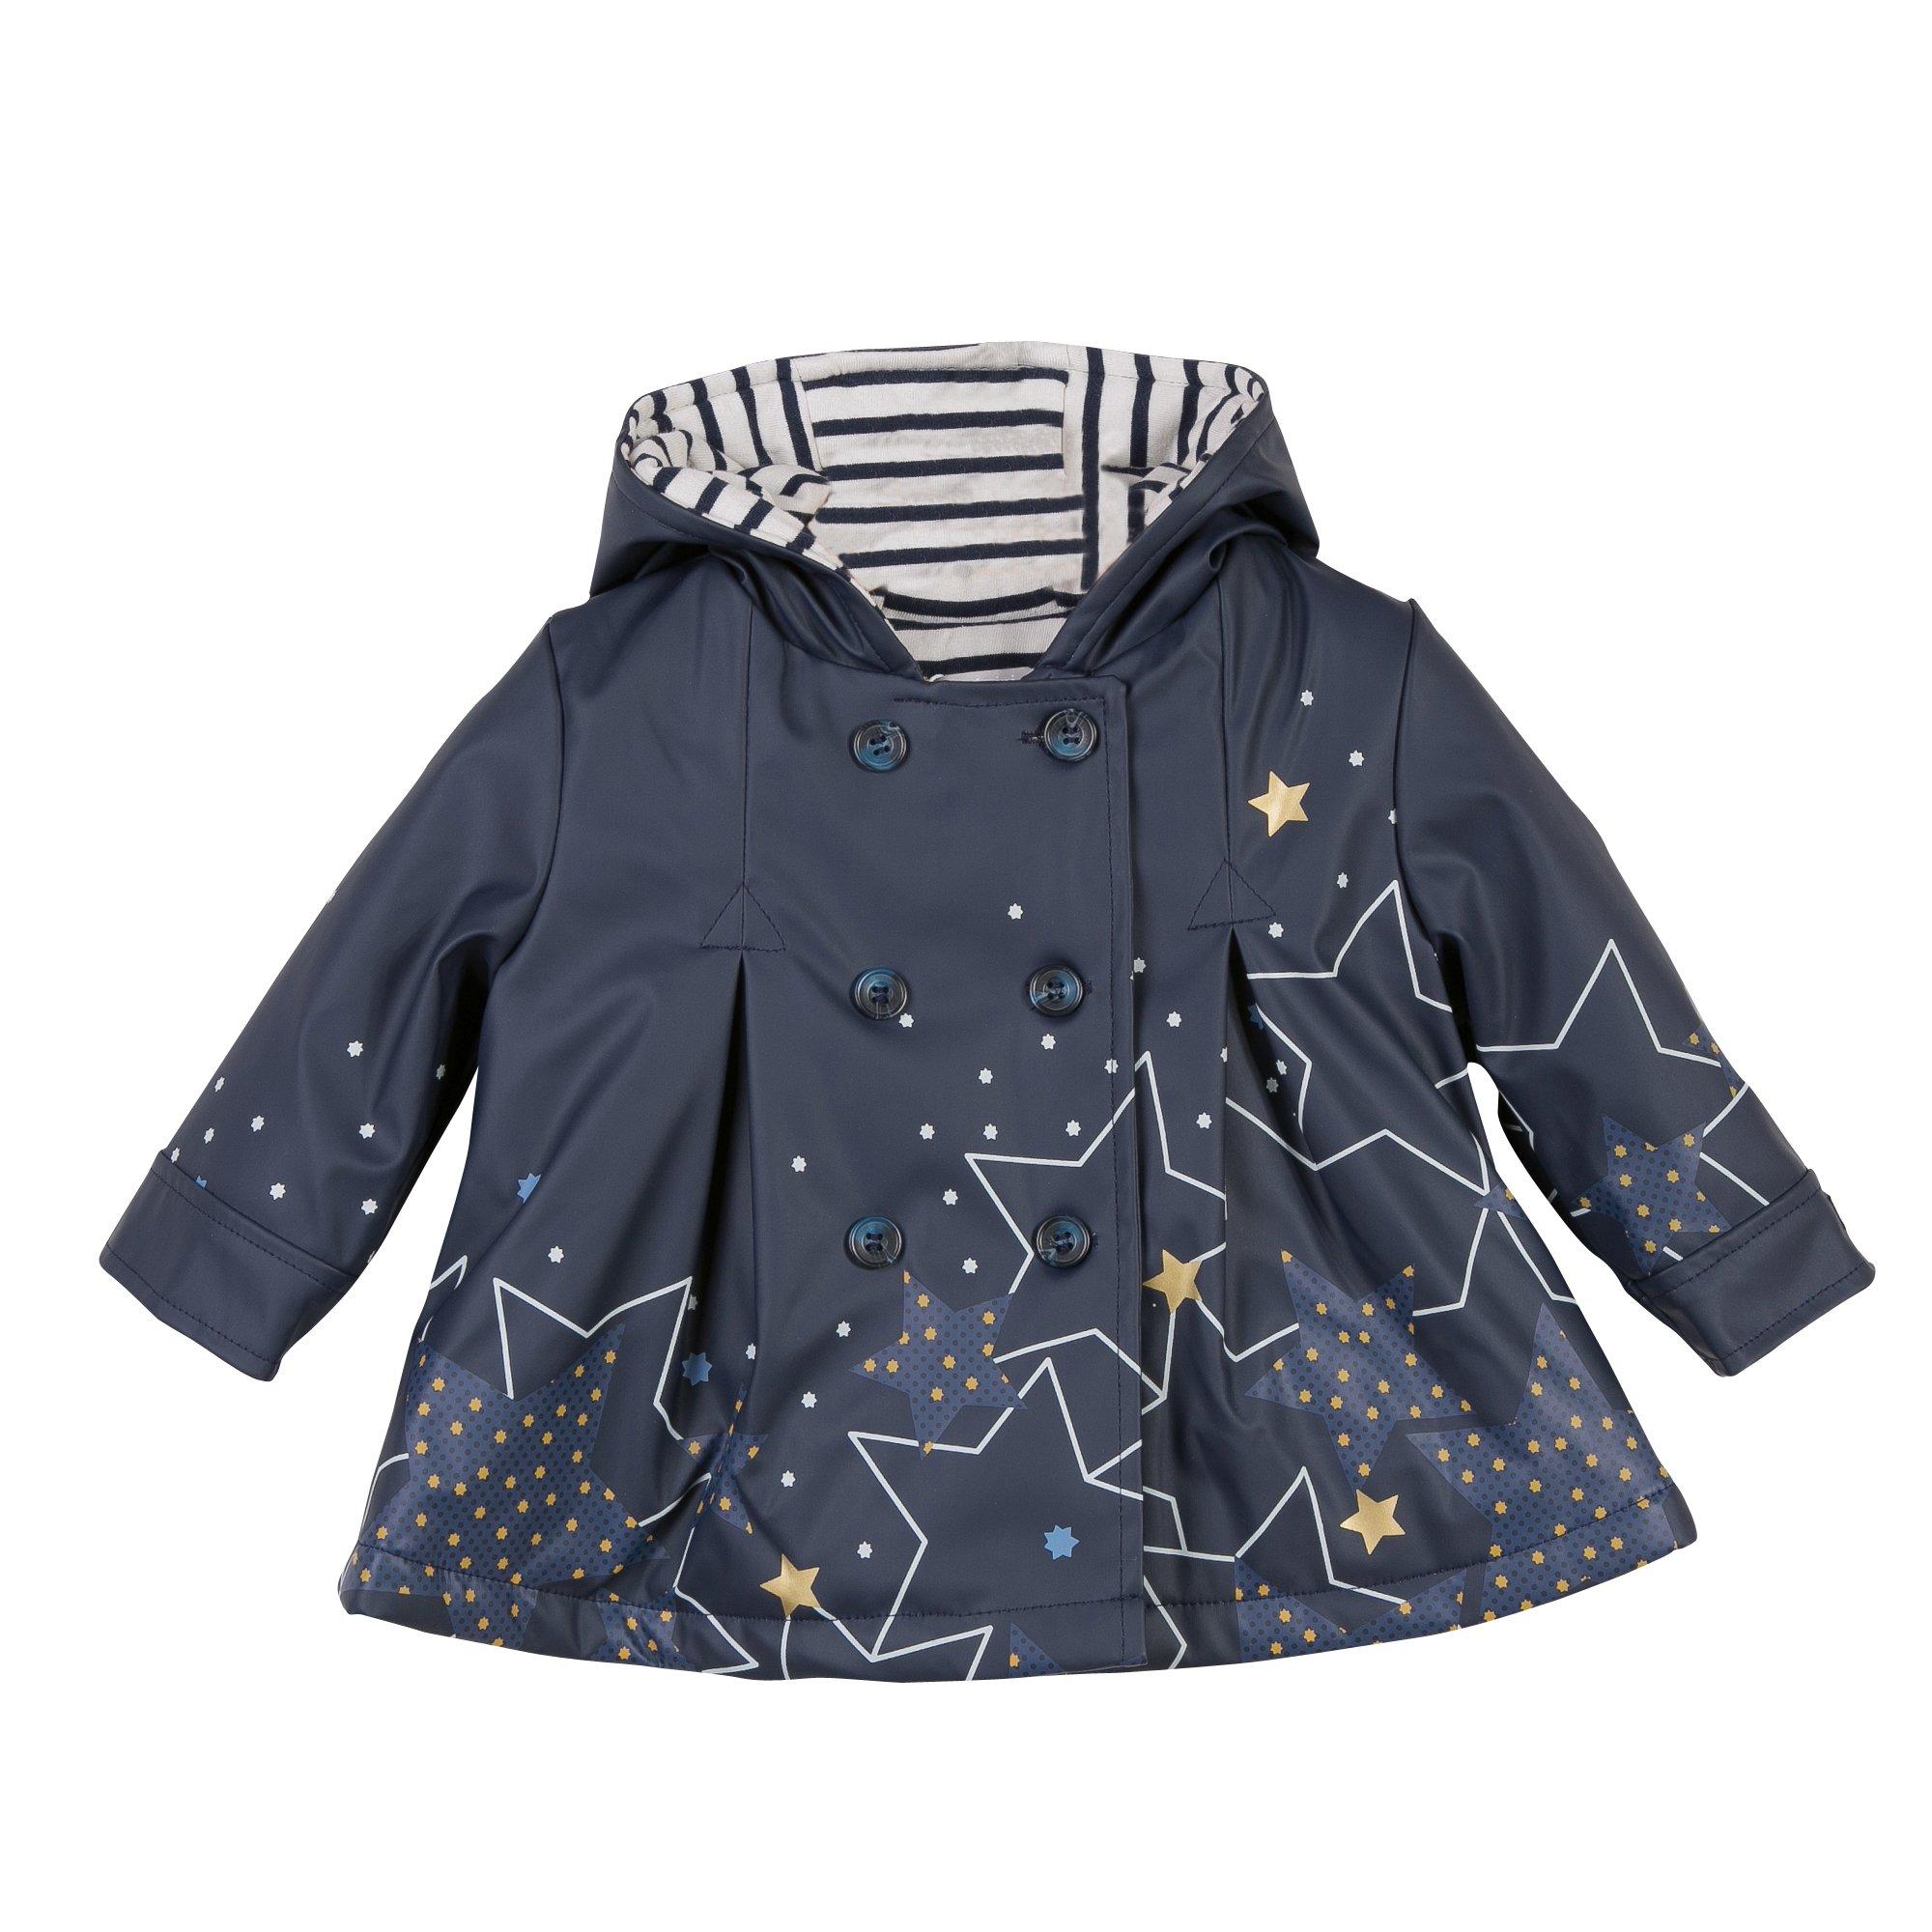 Catimini Printed Raincoat (12M)